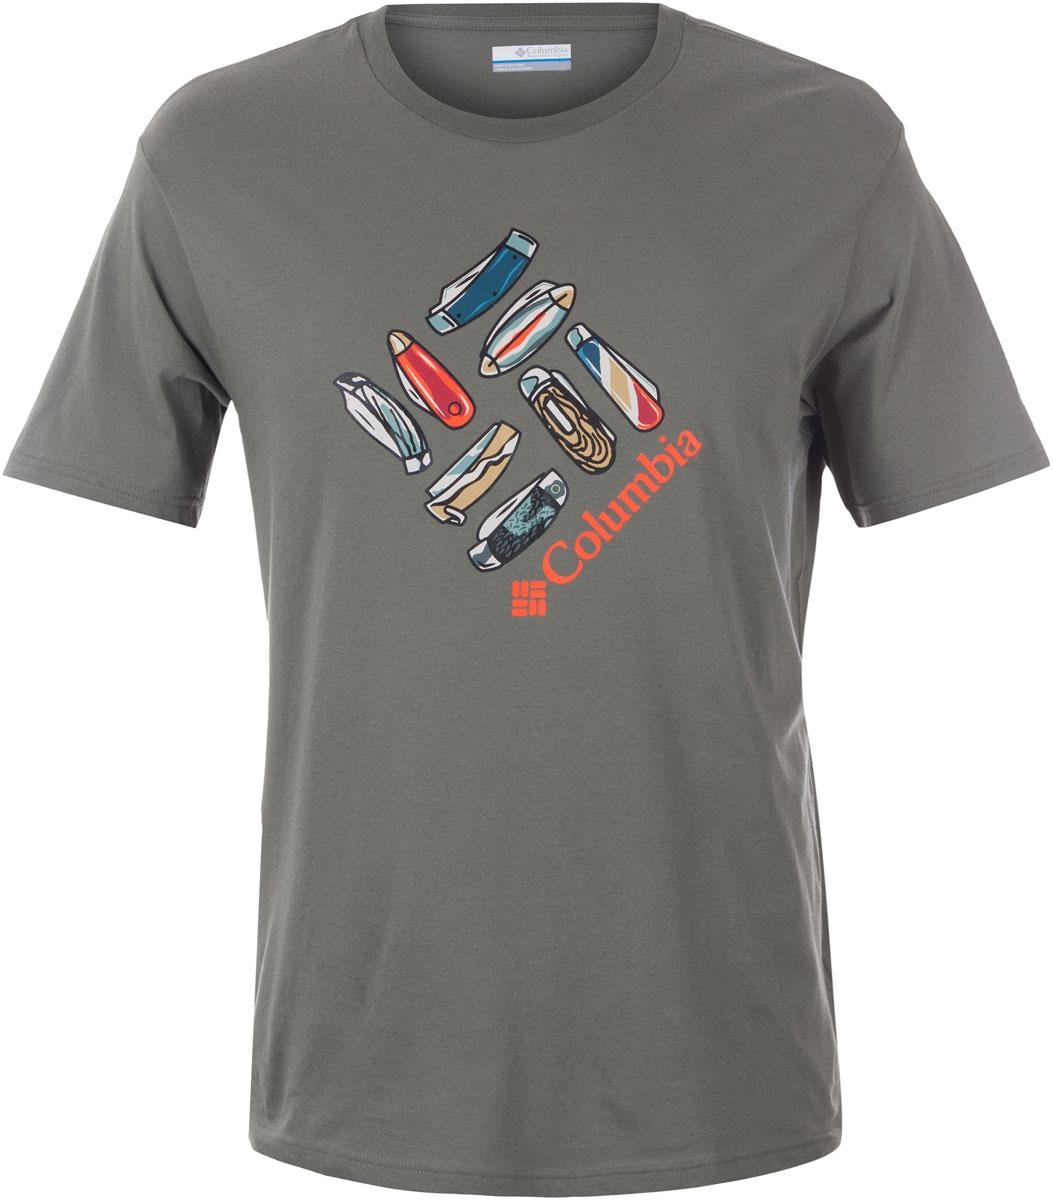 Футболка мужская Columbia Washouga Tools SS T-shirt, цвет: серый. 1713481-316. Размер S (44/46)1713481-316Футболка Columbia - оптимальный вариант для активного отдыха и повседневного использования. Модель выполнена из хлопка, что обеспечивает максимально комфортные ощущения во время использования. Крупный принт на груди придает изделию оригинальность.